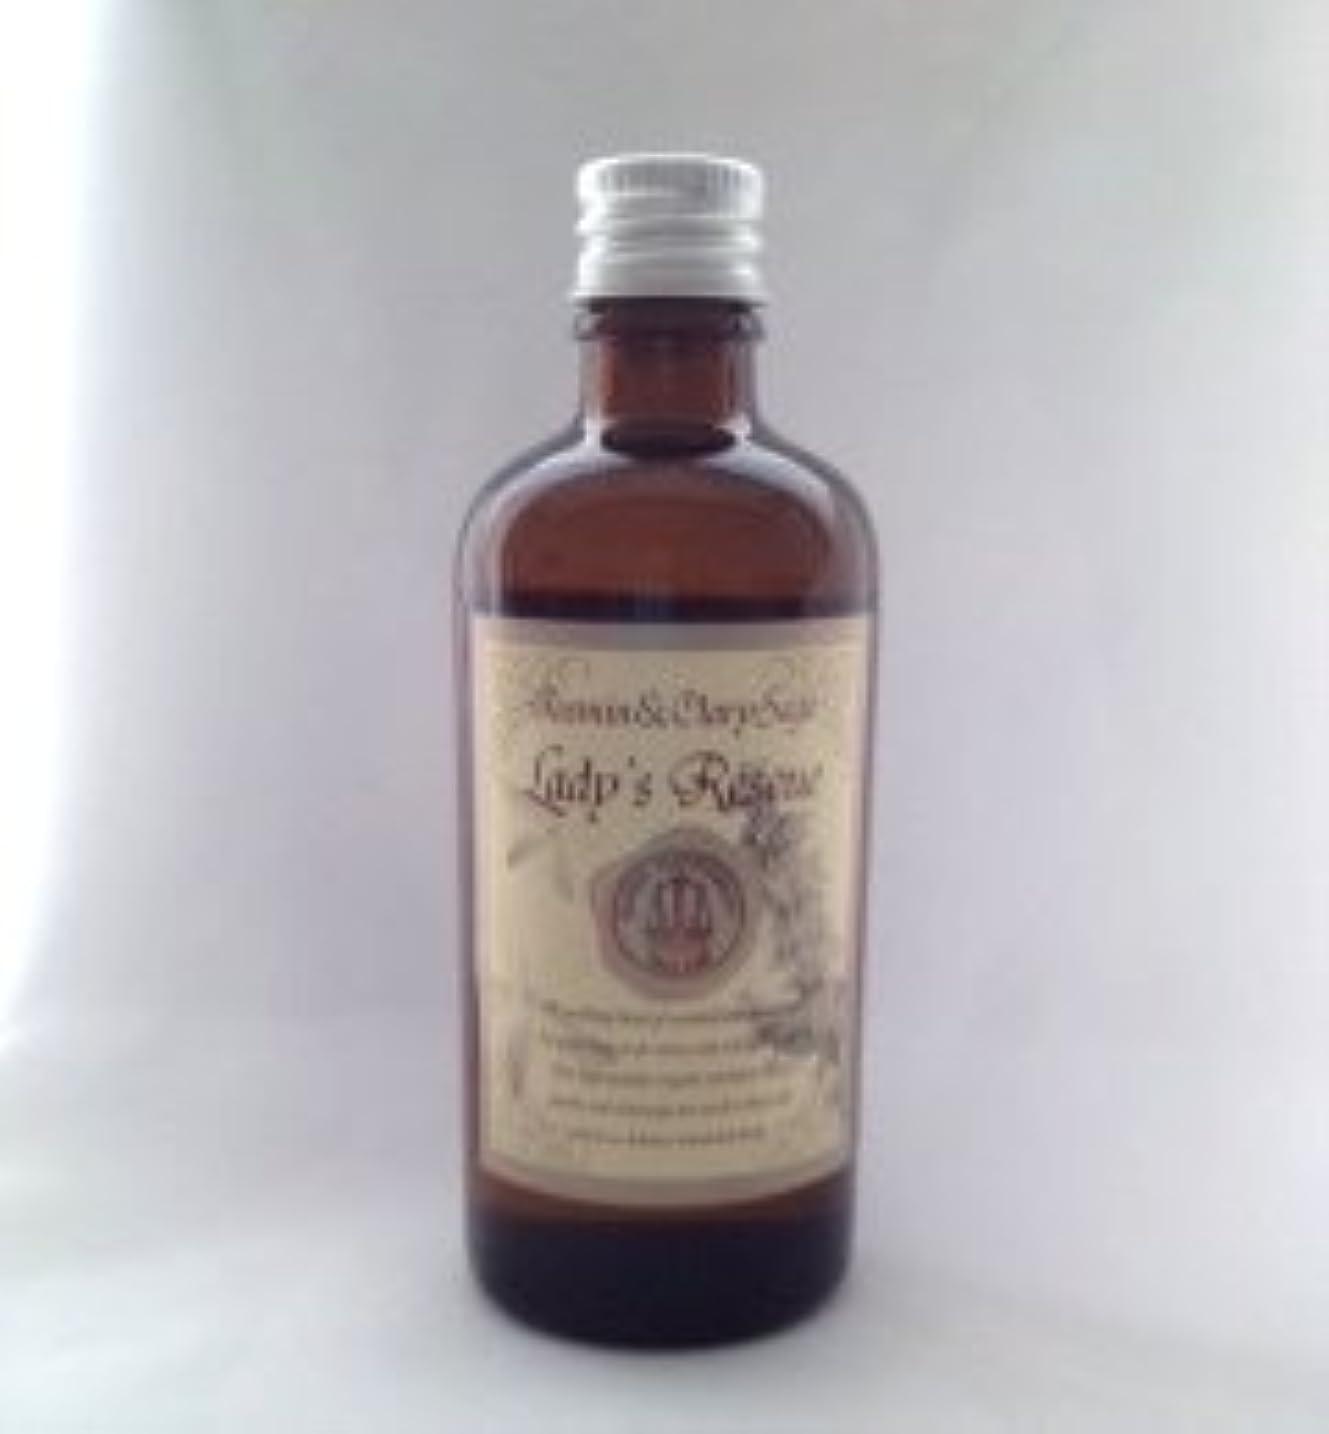 眠り幾何学オーストラリアヒーリングボディアロマオイル レディレスキュー 105ml ジャスミン&クラリセージの香り